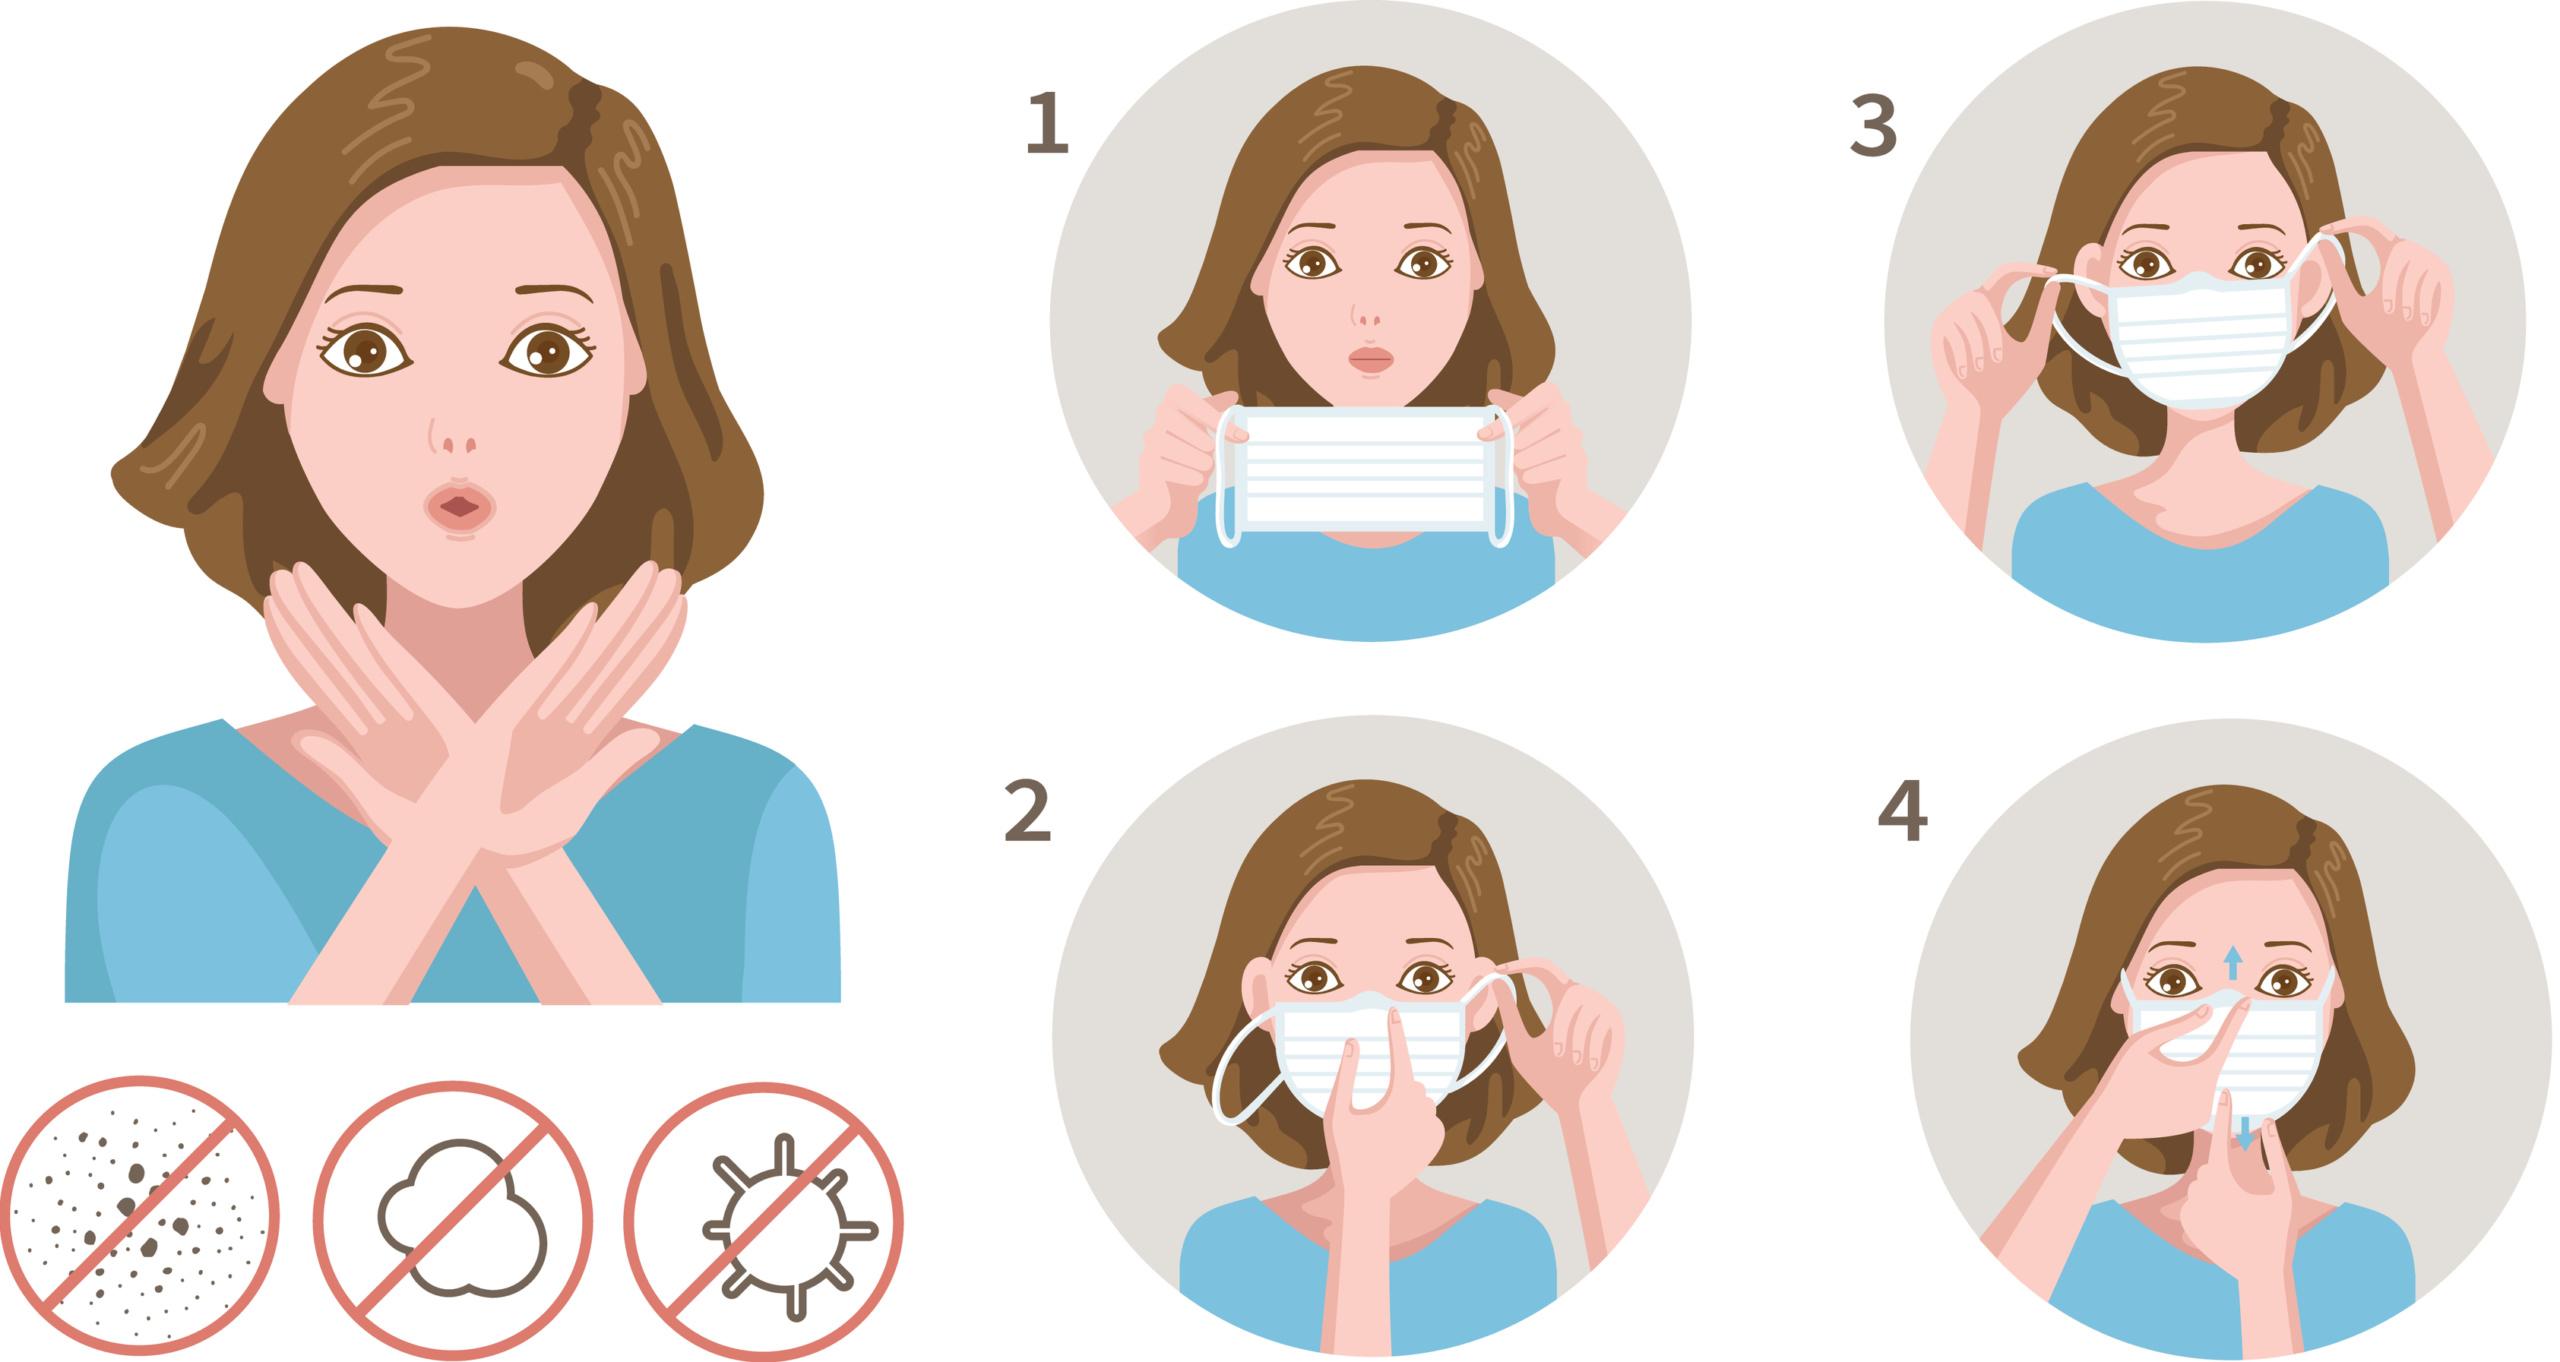 Comment porter correctement son masque